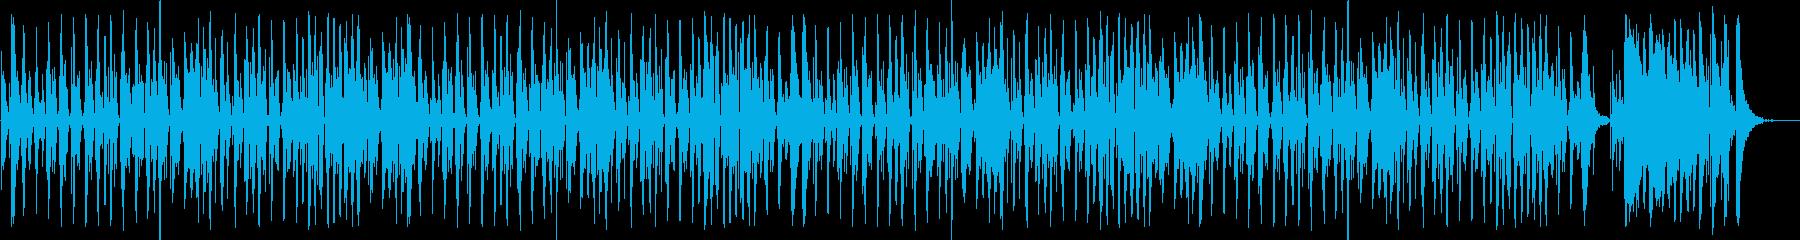 コメディー-ユーモラス-気まぐれ。...の再生済みの波形